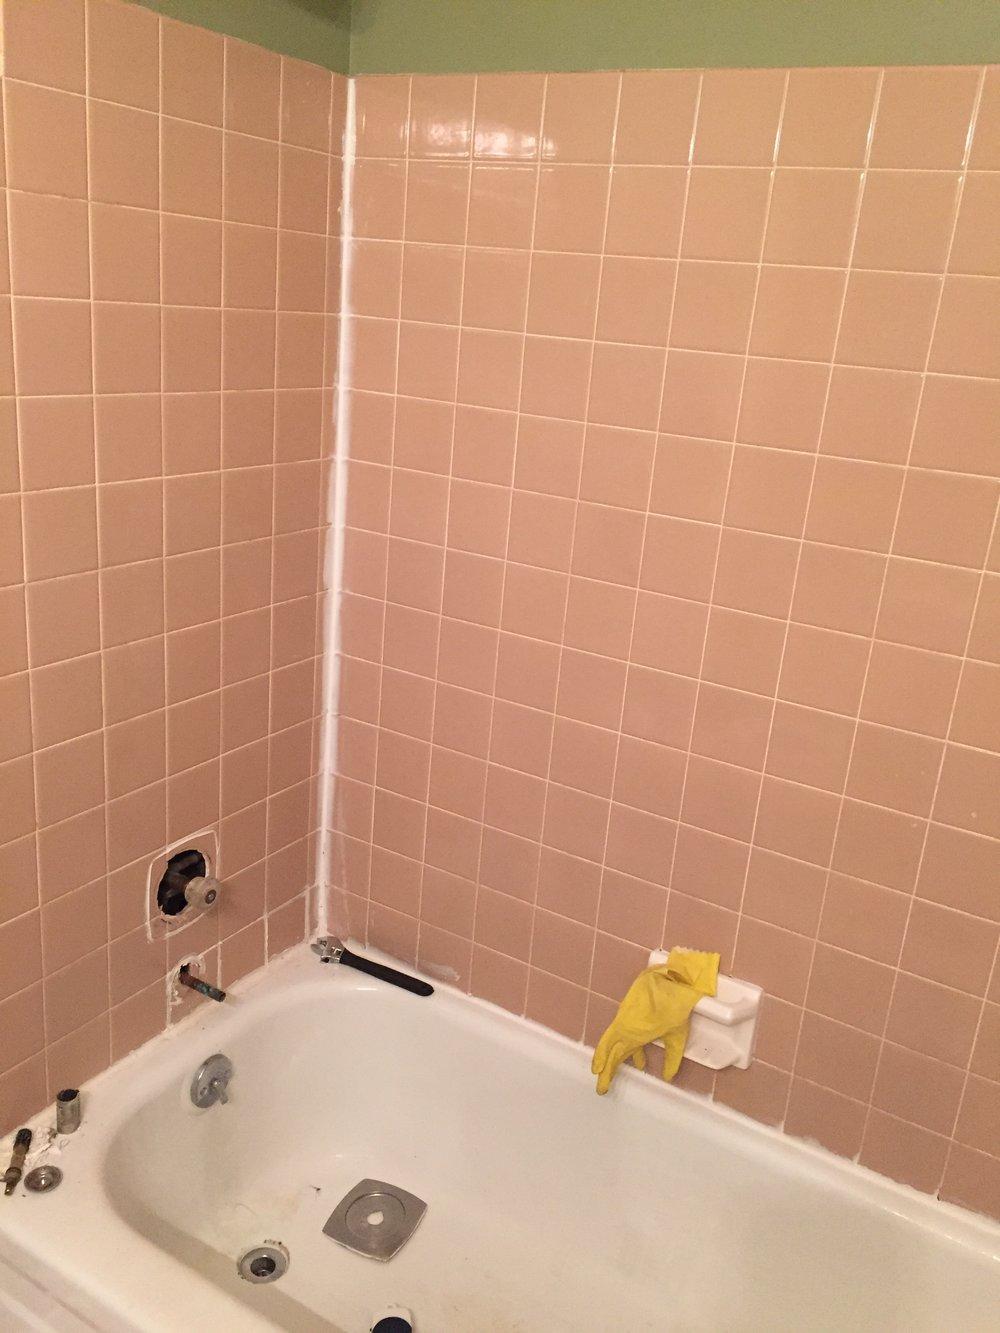 Existing Bath